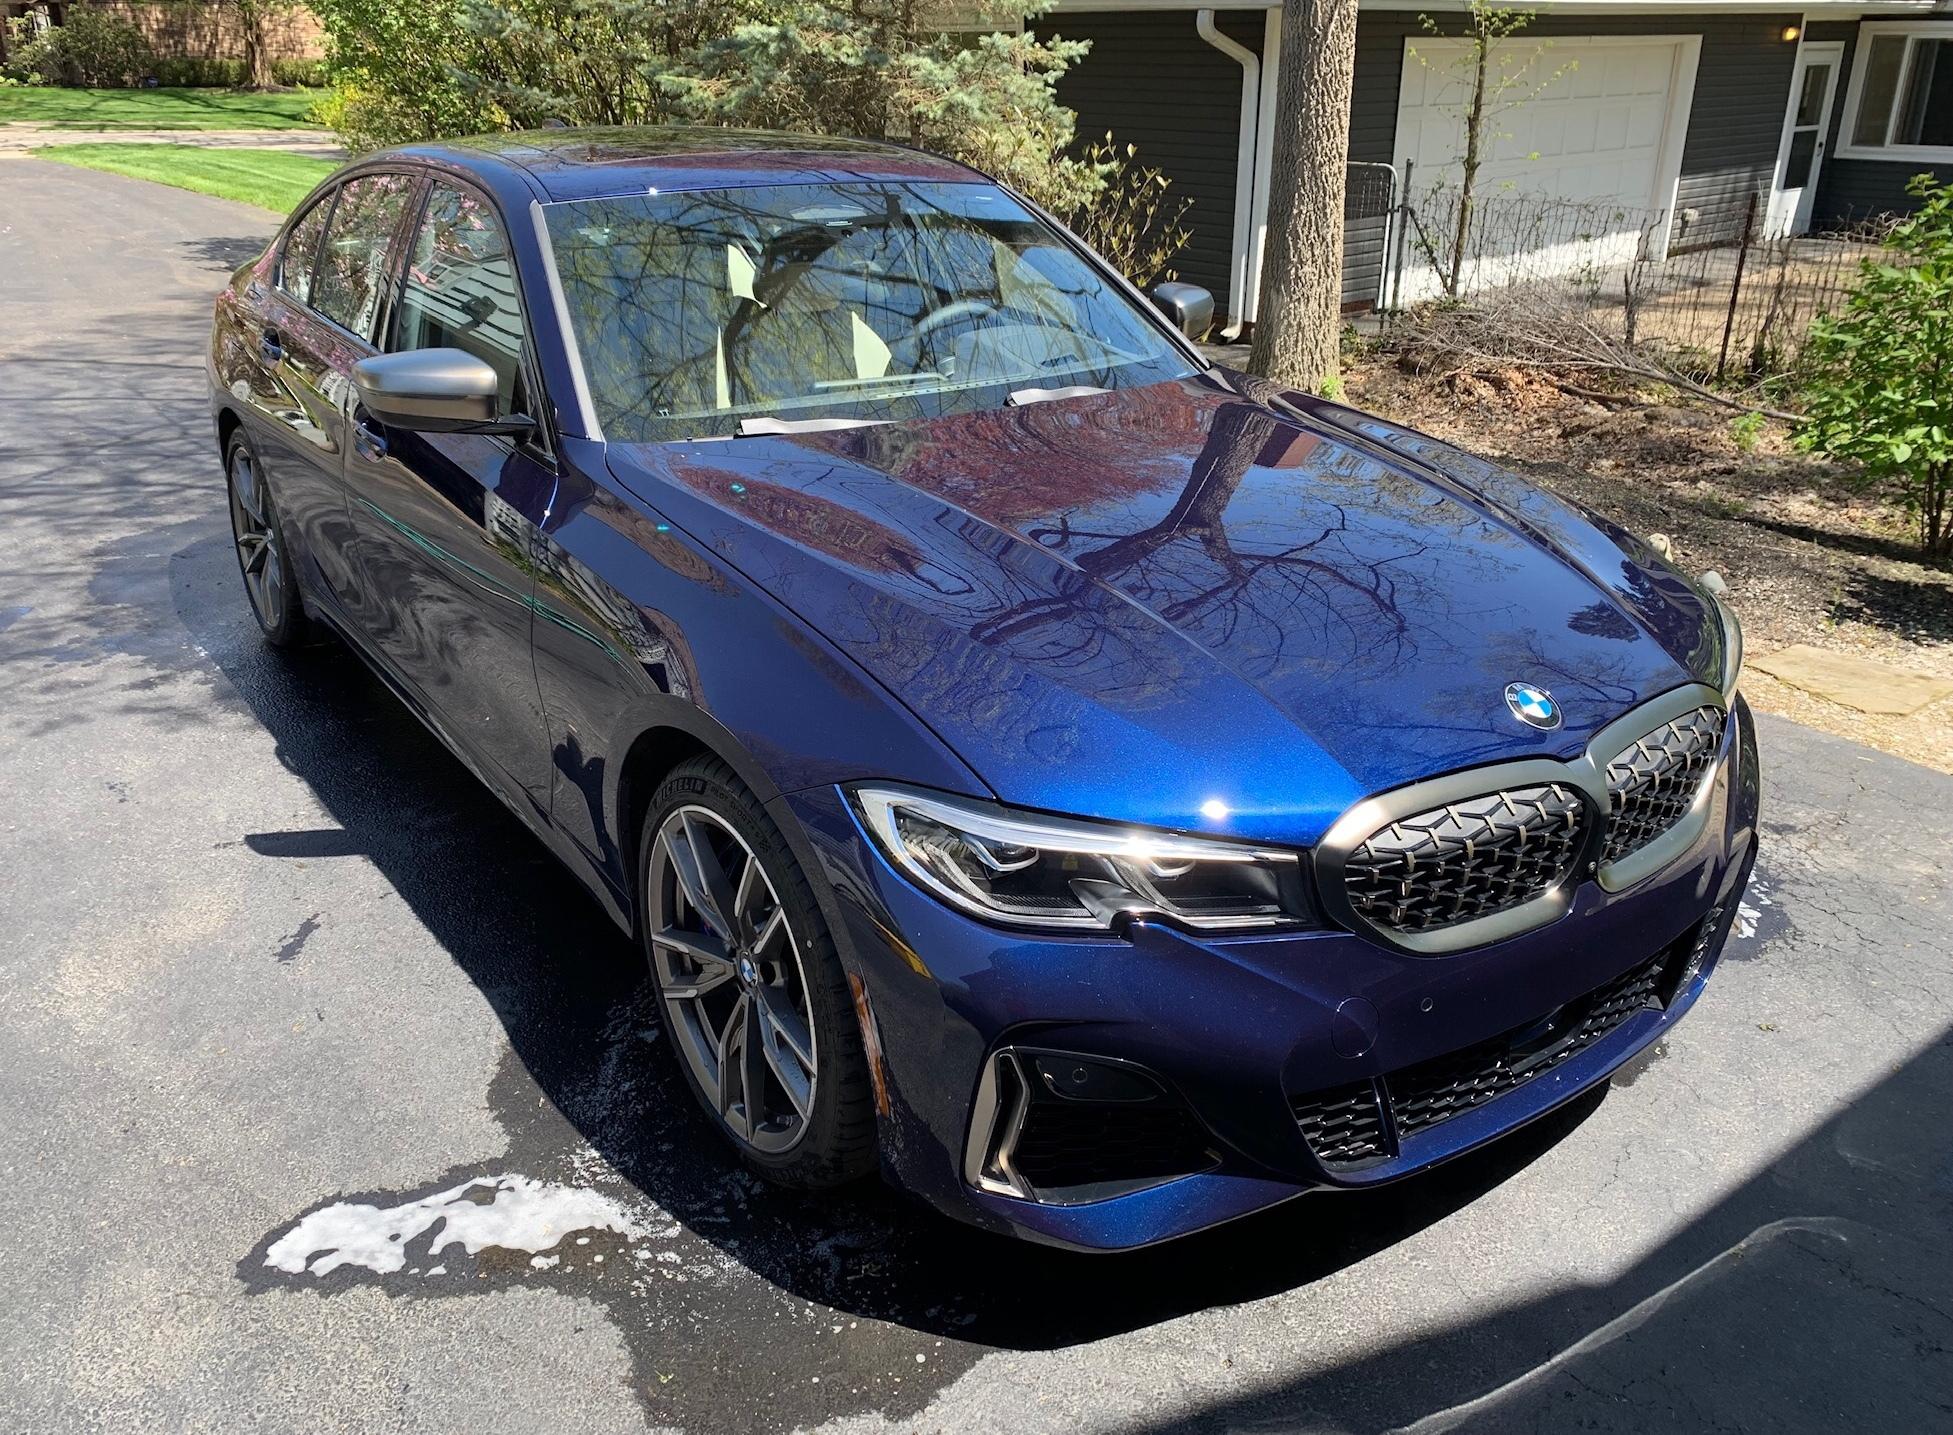 タンザナイト・ブルーの新型BMW3シリーズ(G20)M340i xDriveが素敵すぎます^^それに比べて日本仕様は白・黒・グレー・青のみは少し寂しいですね^^;